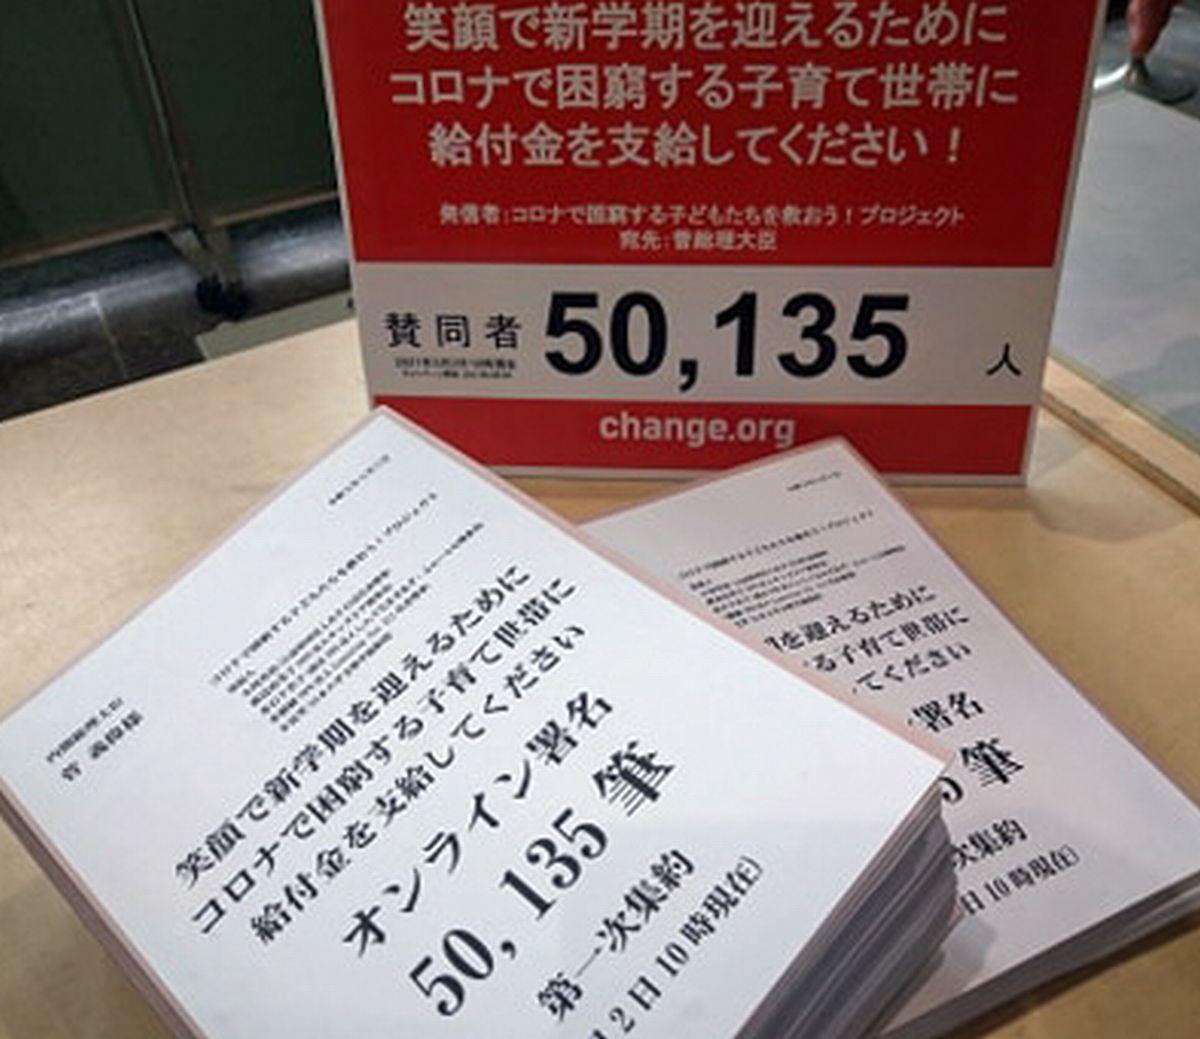 写真・図版 : 第1次集約分として3月2日に首相あてに提出された50135筆のオンライン署名。その後も署名は続いている